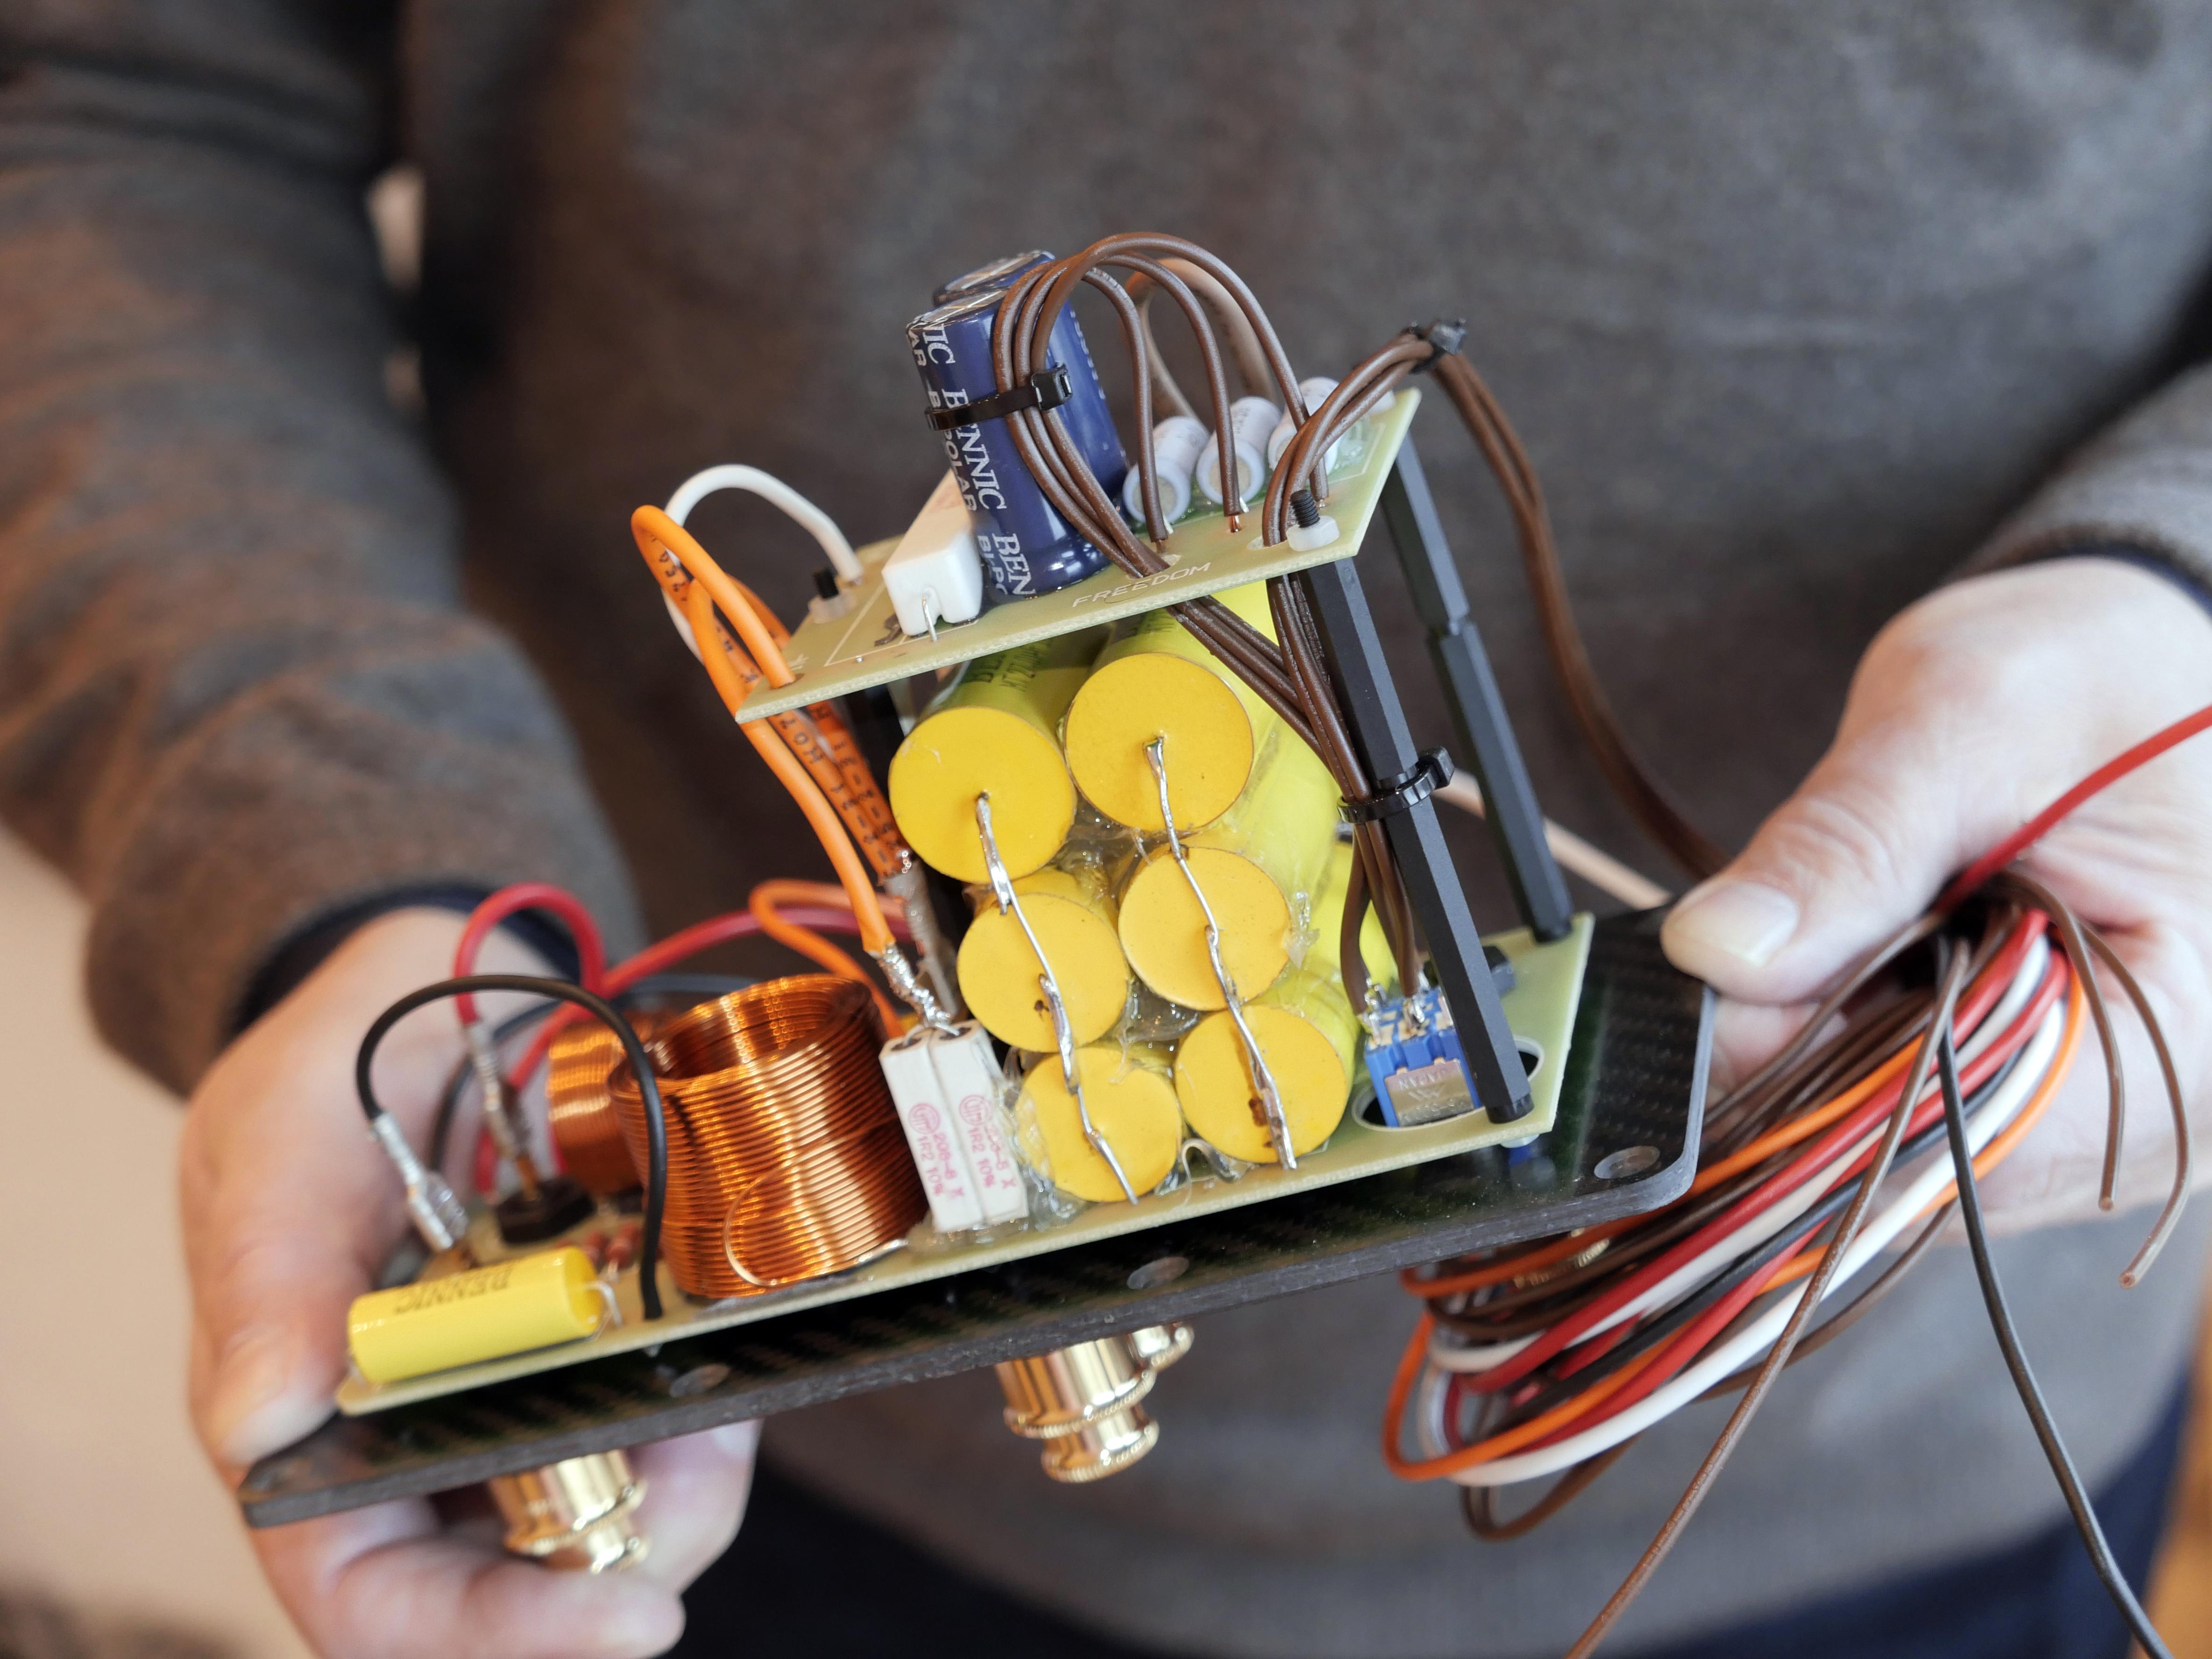 Delningsfiltret till R8 Arreté, monterat på kolfiberplatta. Foto: Lasse Svendsen